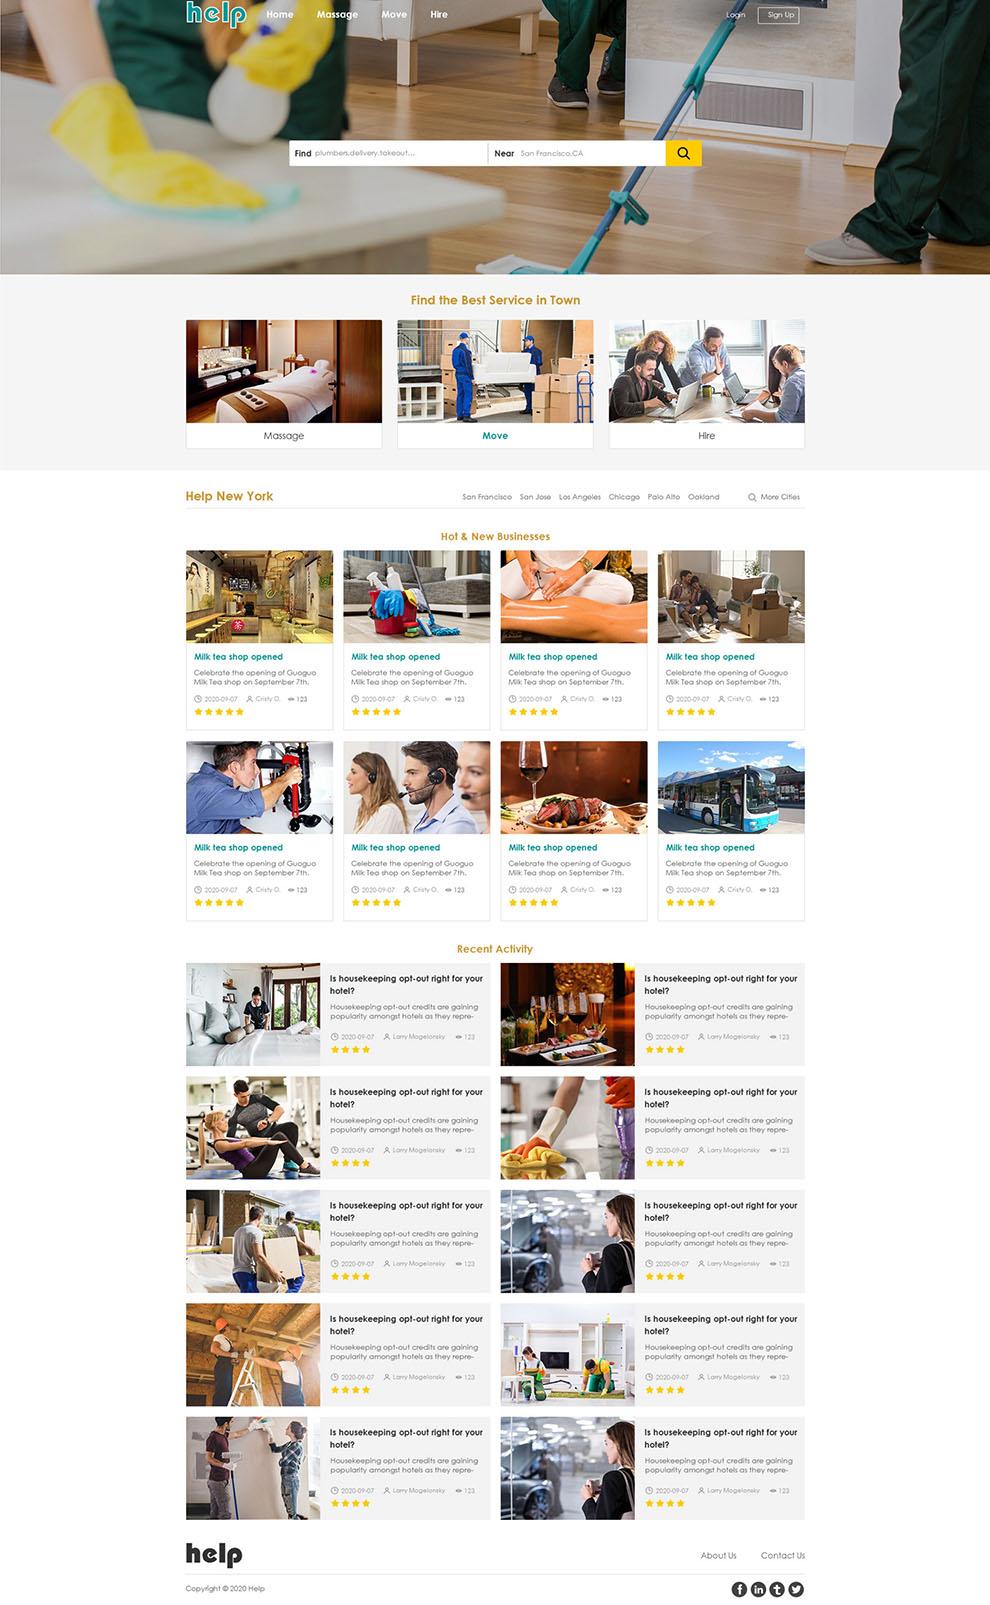 英文信息平台网站设计